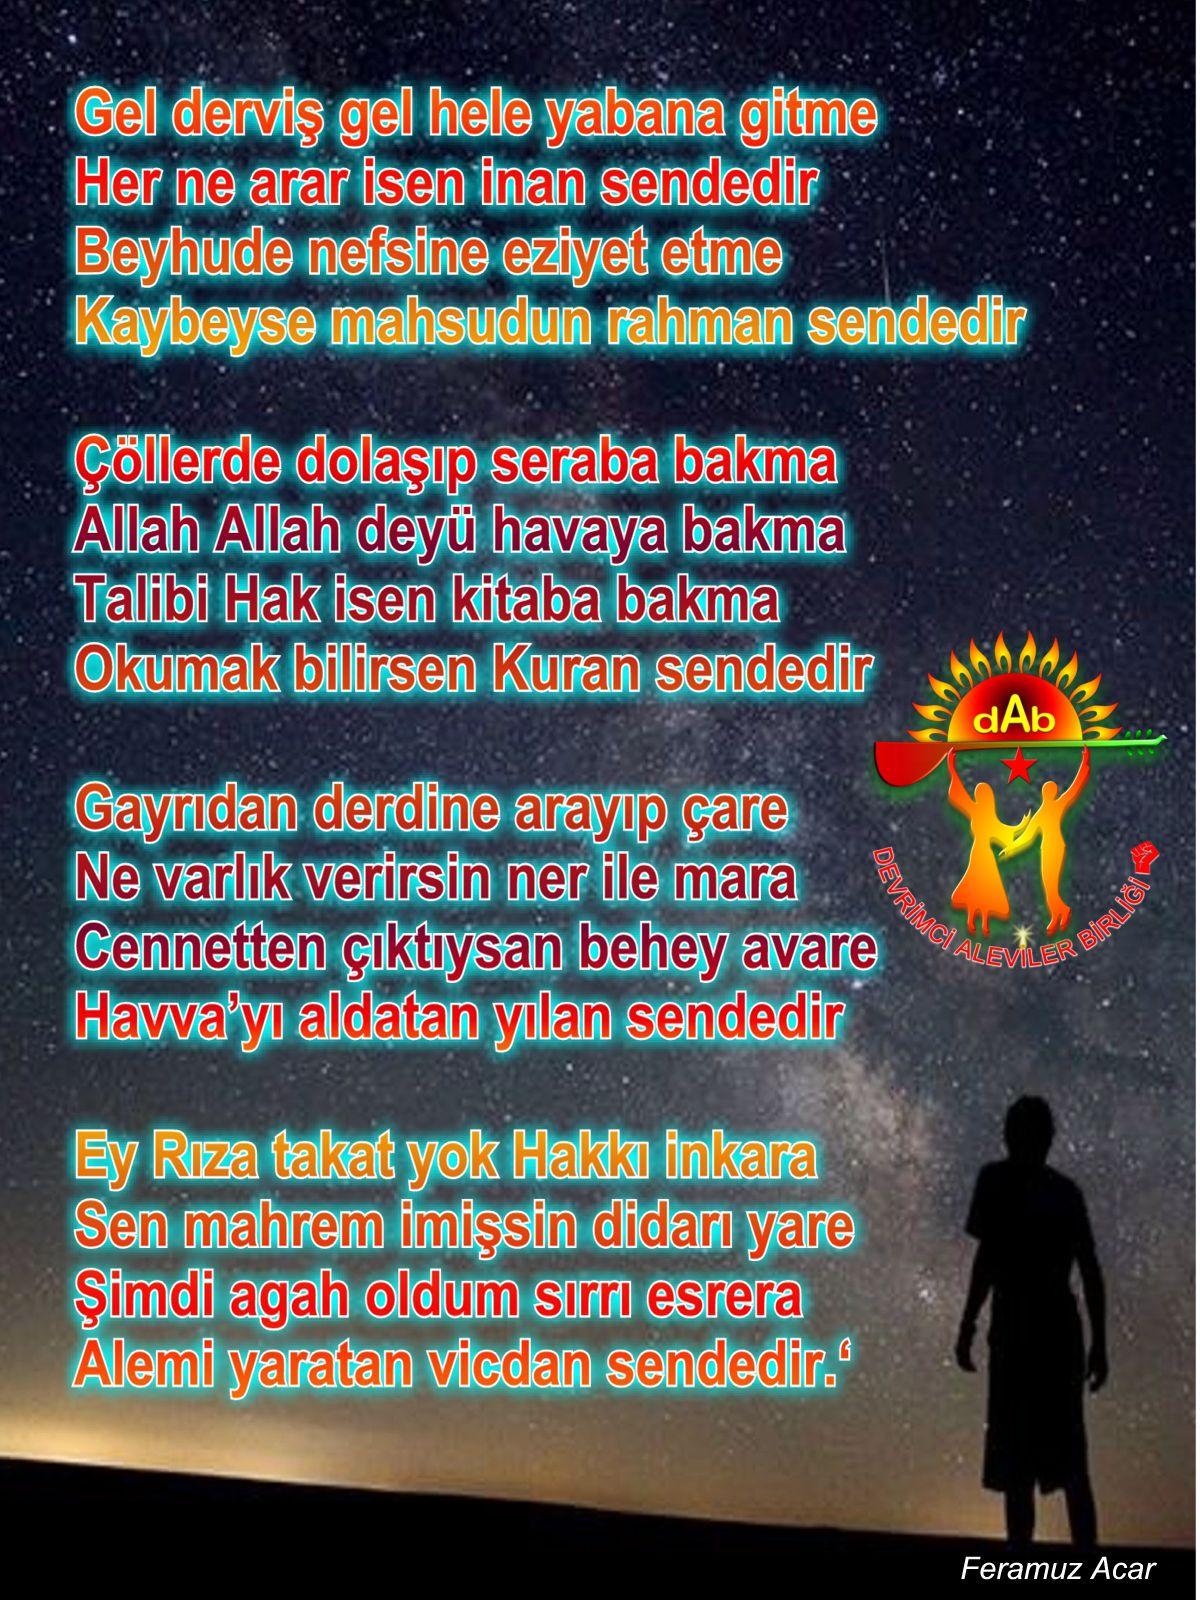 Alevi Bektaşi Kızılbaş Pir Sultan İslam dışı Atatürk faşist ehlibeyt 12 imam Devrimci Aleviler Birliği DAB sendedir